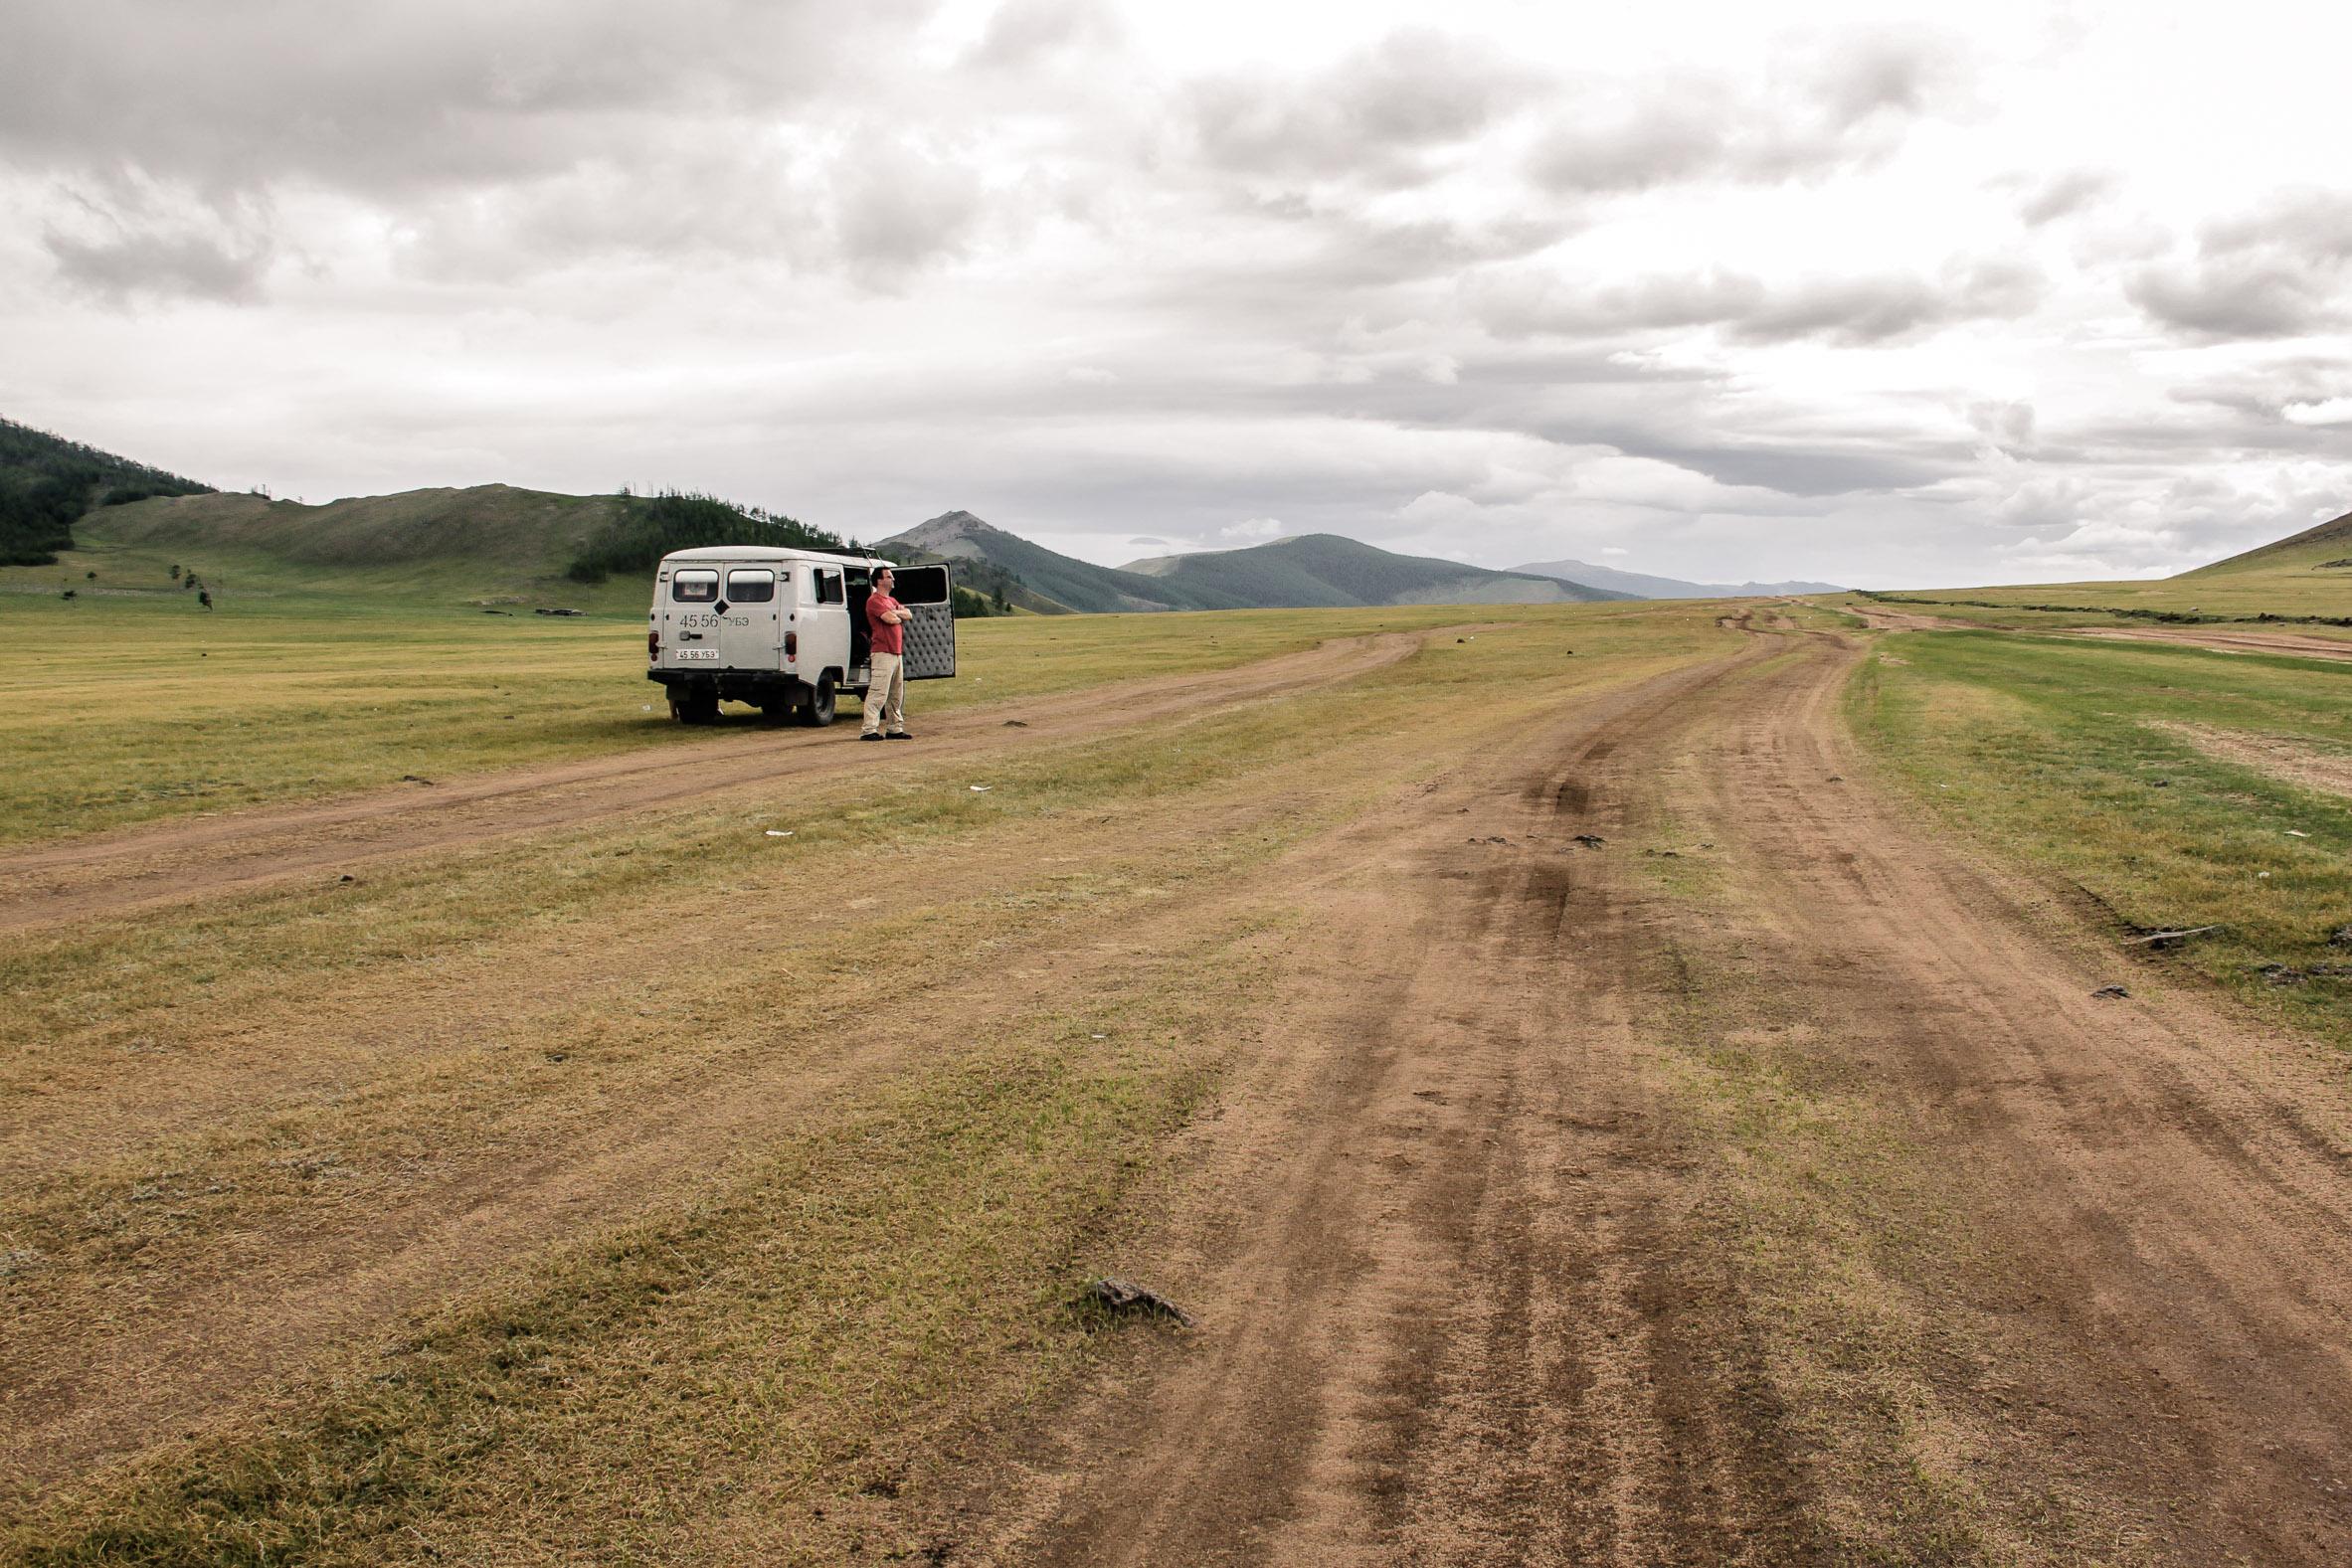 Un van sur une route mongole